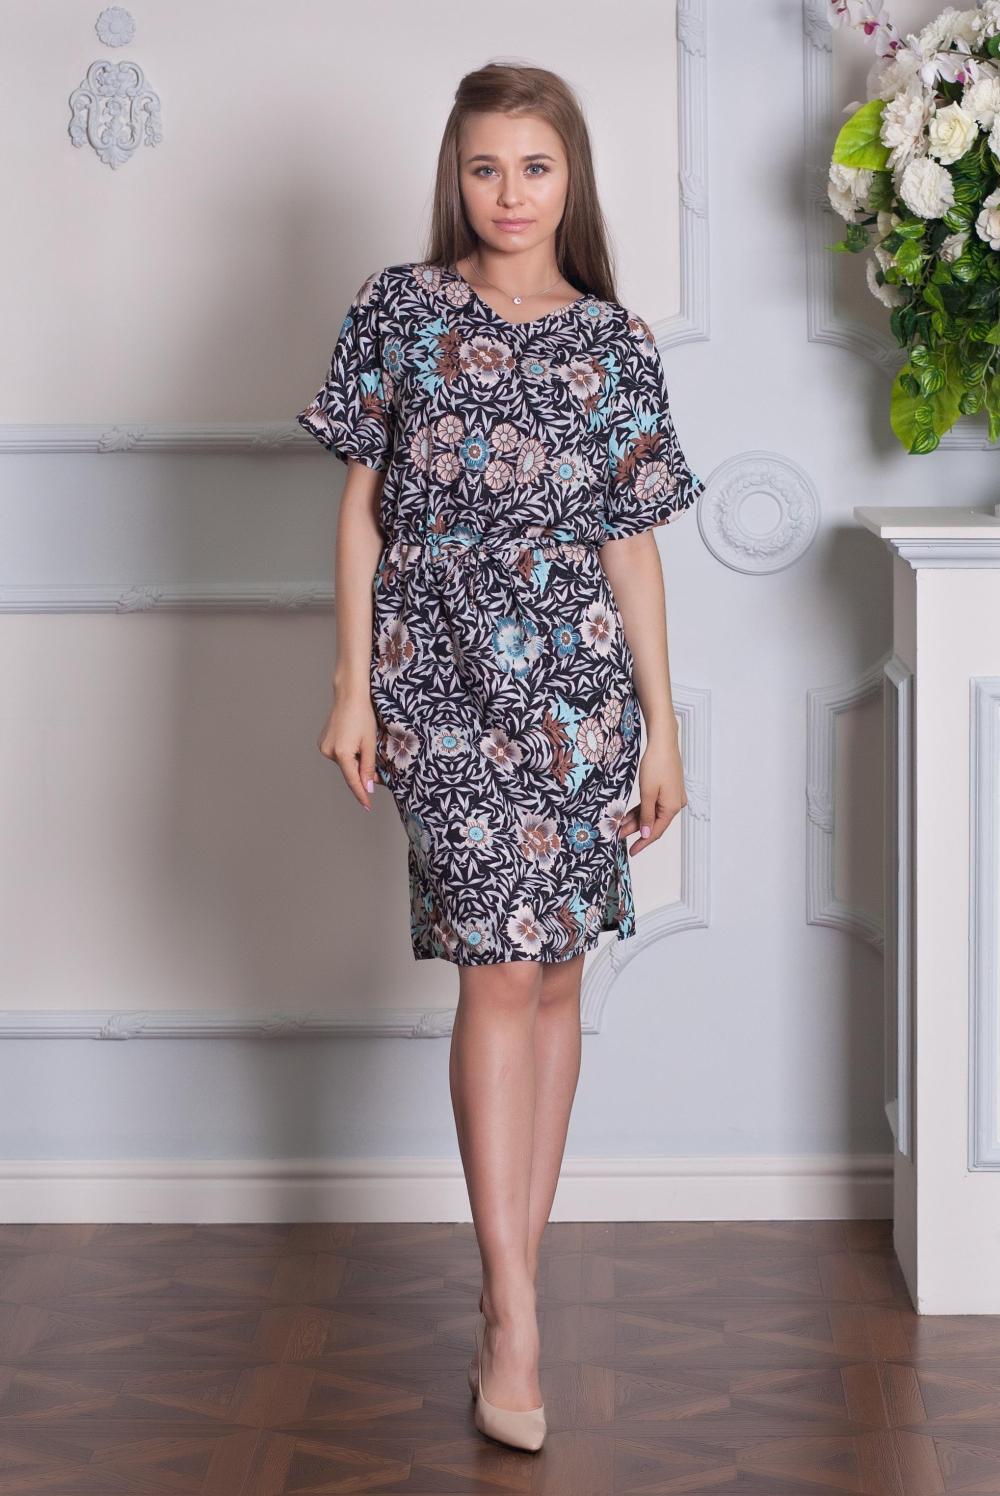 ТуникаТуники<br>Красивое платье-туника с короткими рукавами. Модель выполнена из хлопкового материала. Отличный выбор для любого случая.  Цвет: синий, розовый, голубой  Ростовка изделия 170 см.<br><br>Горловина: V- горловина<br>По материалу: Тканевые,Хлопок<br>По рисунку: С принтом,Цветные<br>По силуэту: Полуприталенные<br>По стилю: Повседневный стиль<br>Рукав: До локтя,Короткий рукав<br>По сезону: Лето<br>Размер : 42<br>Материал: Хлопок<br>Количество в наличии: 1